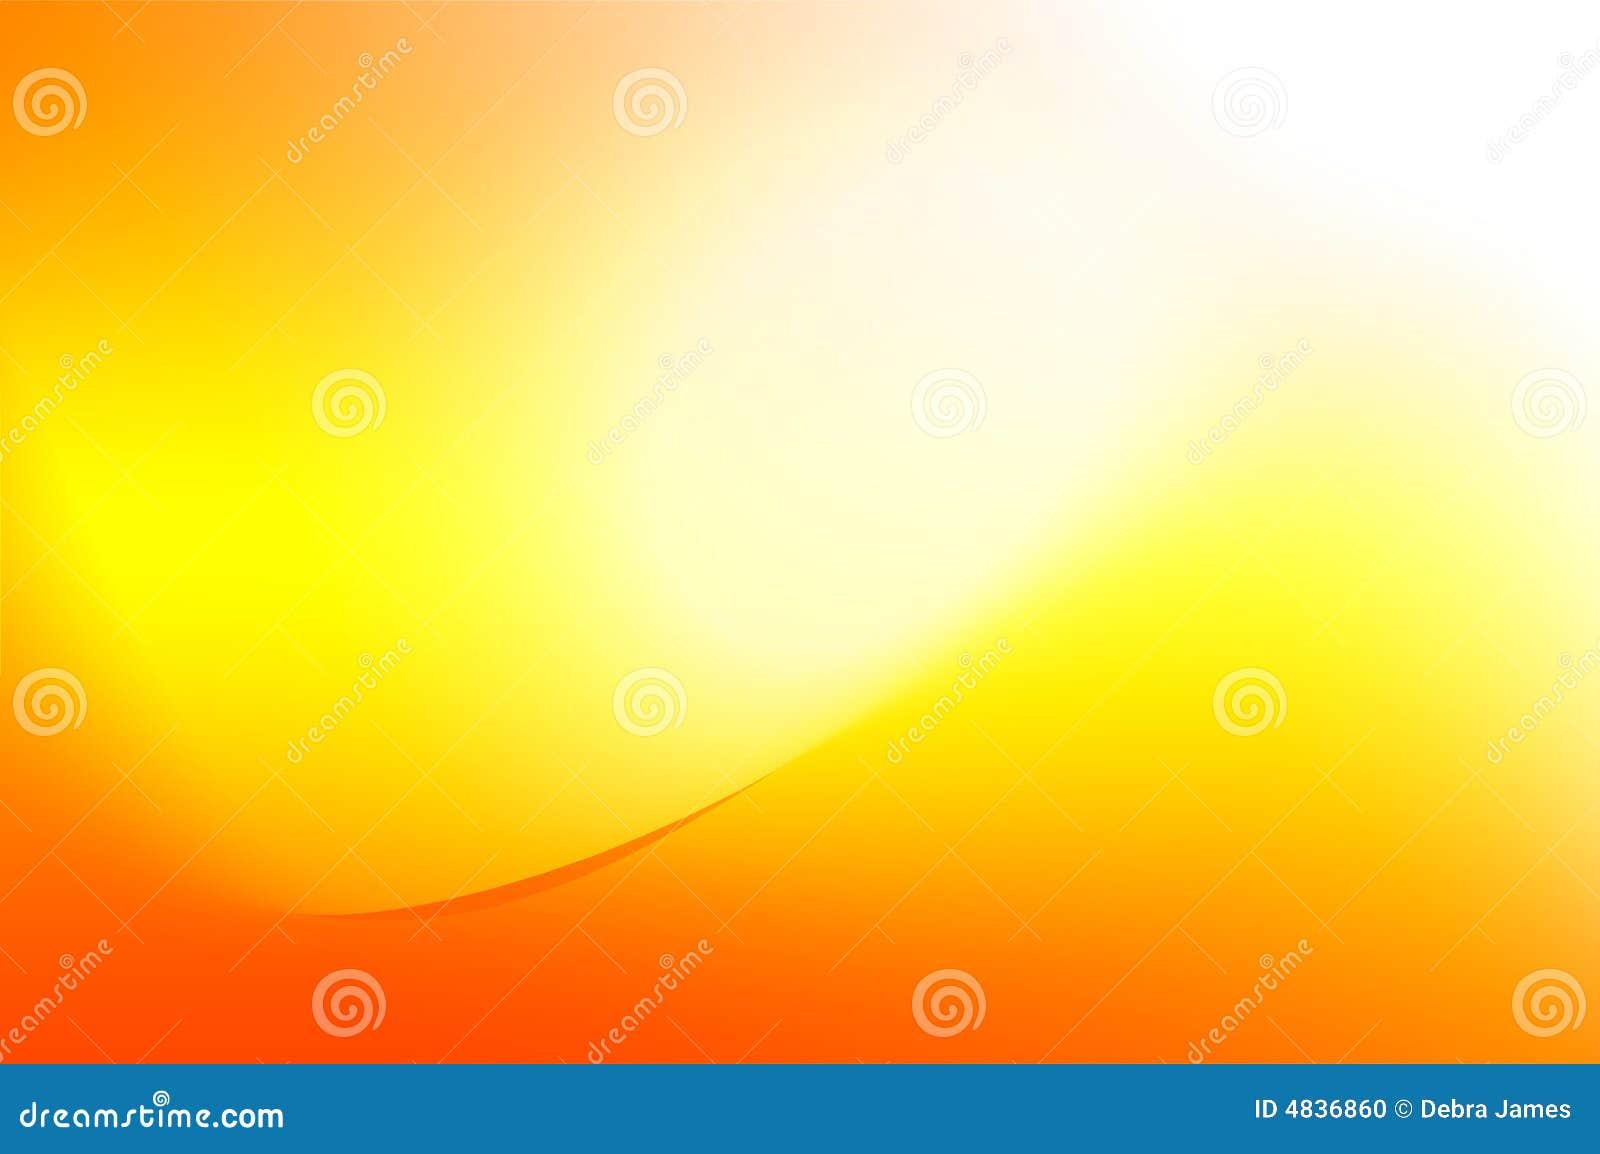 η ανασκόπηση κάμπτει το πορτοκάλι κίτρινο